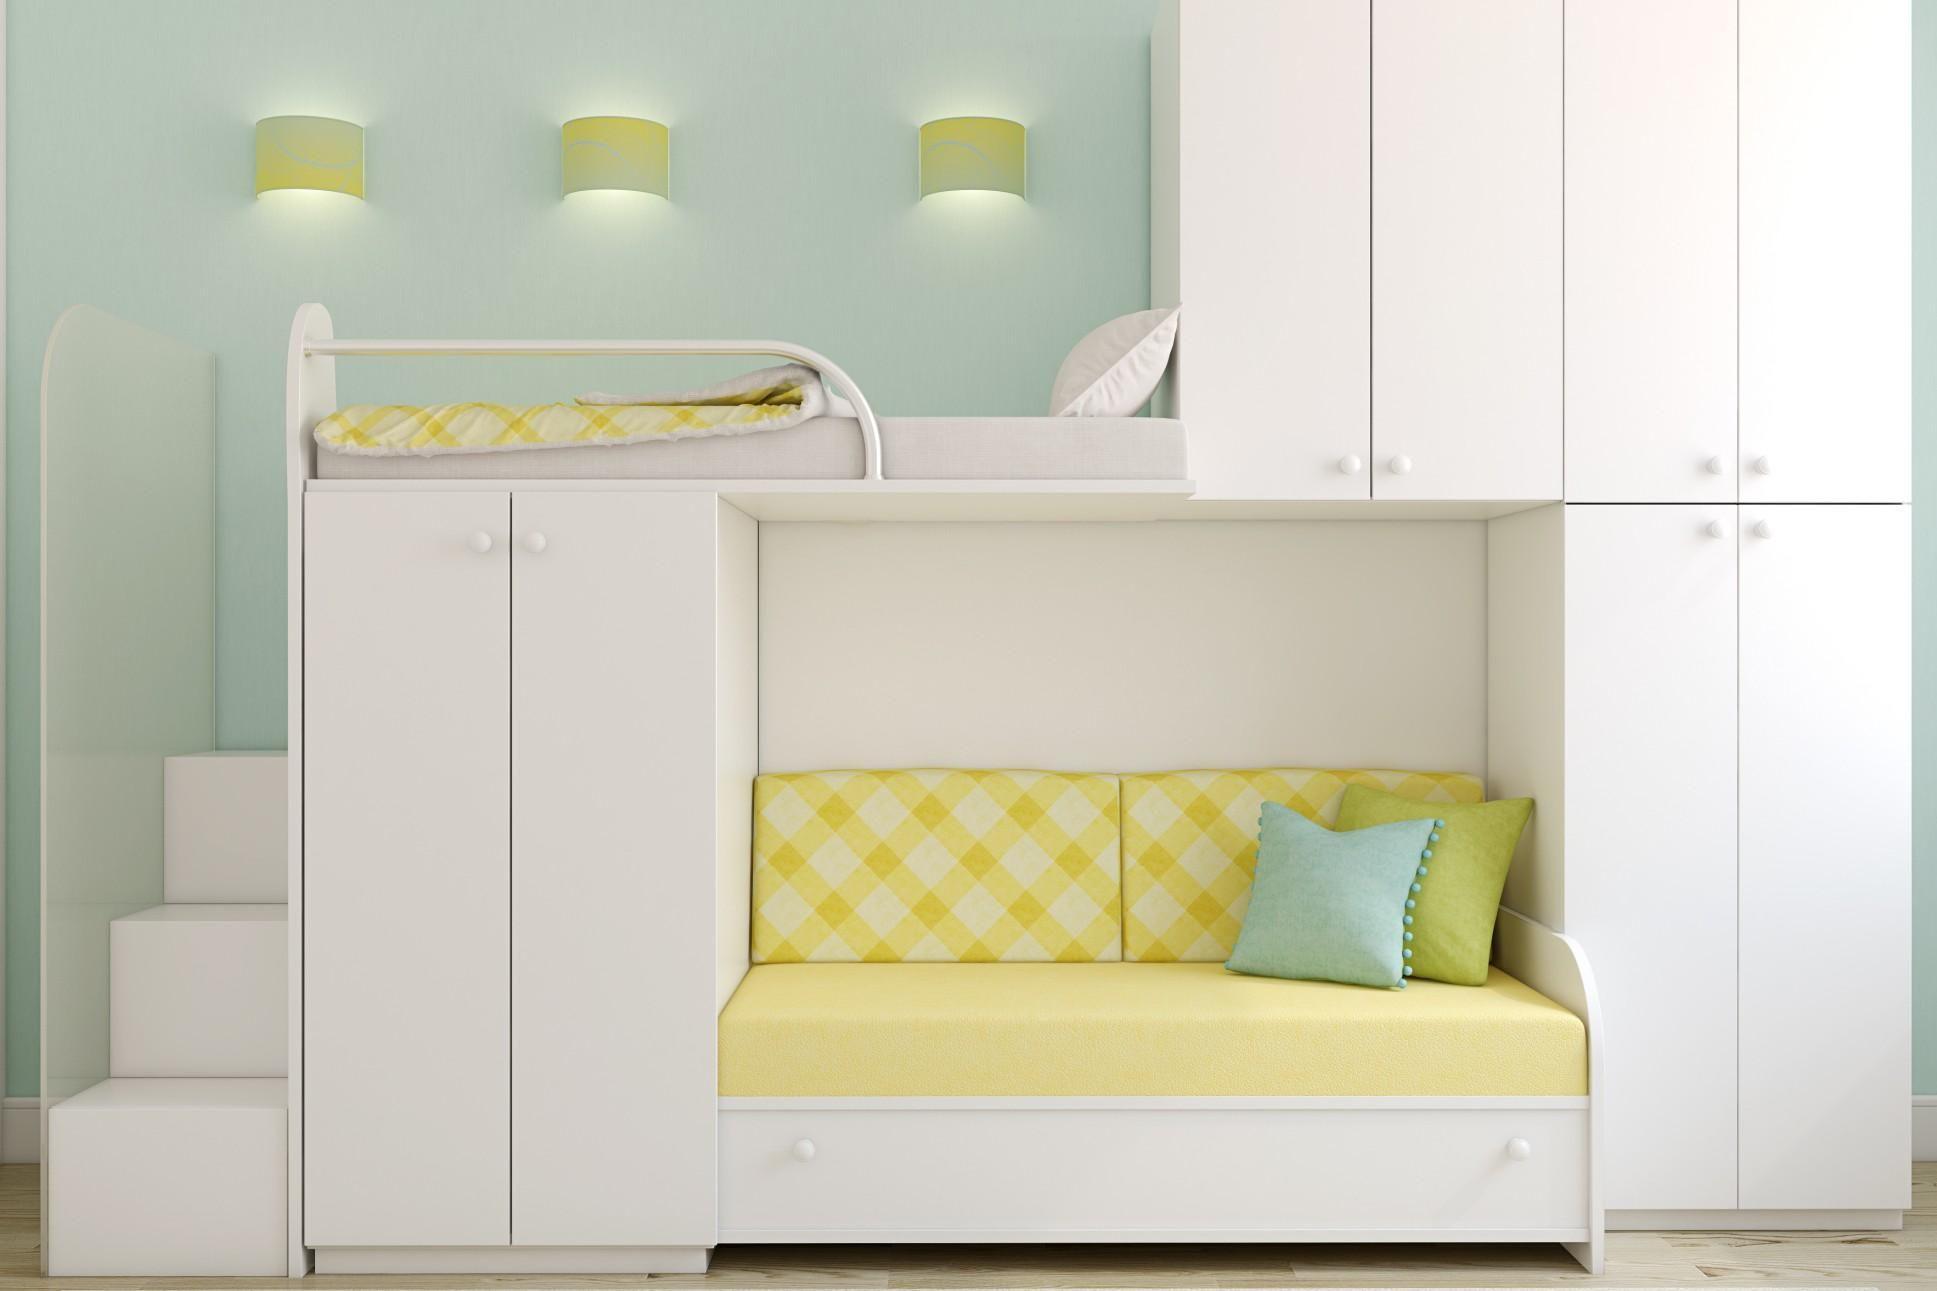 Camerette gsg ~ Badroom centri camerette specializzati in camere e camerette per